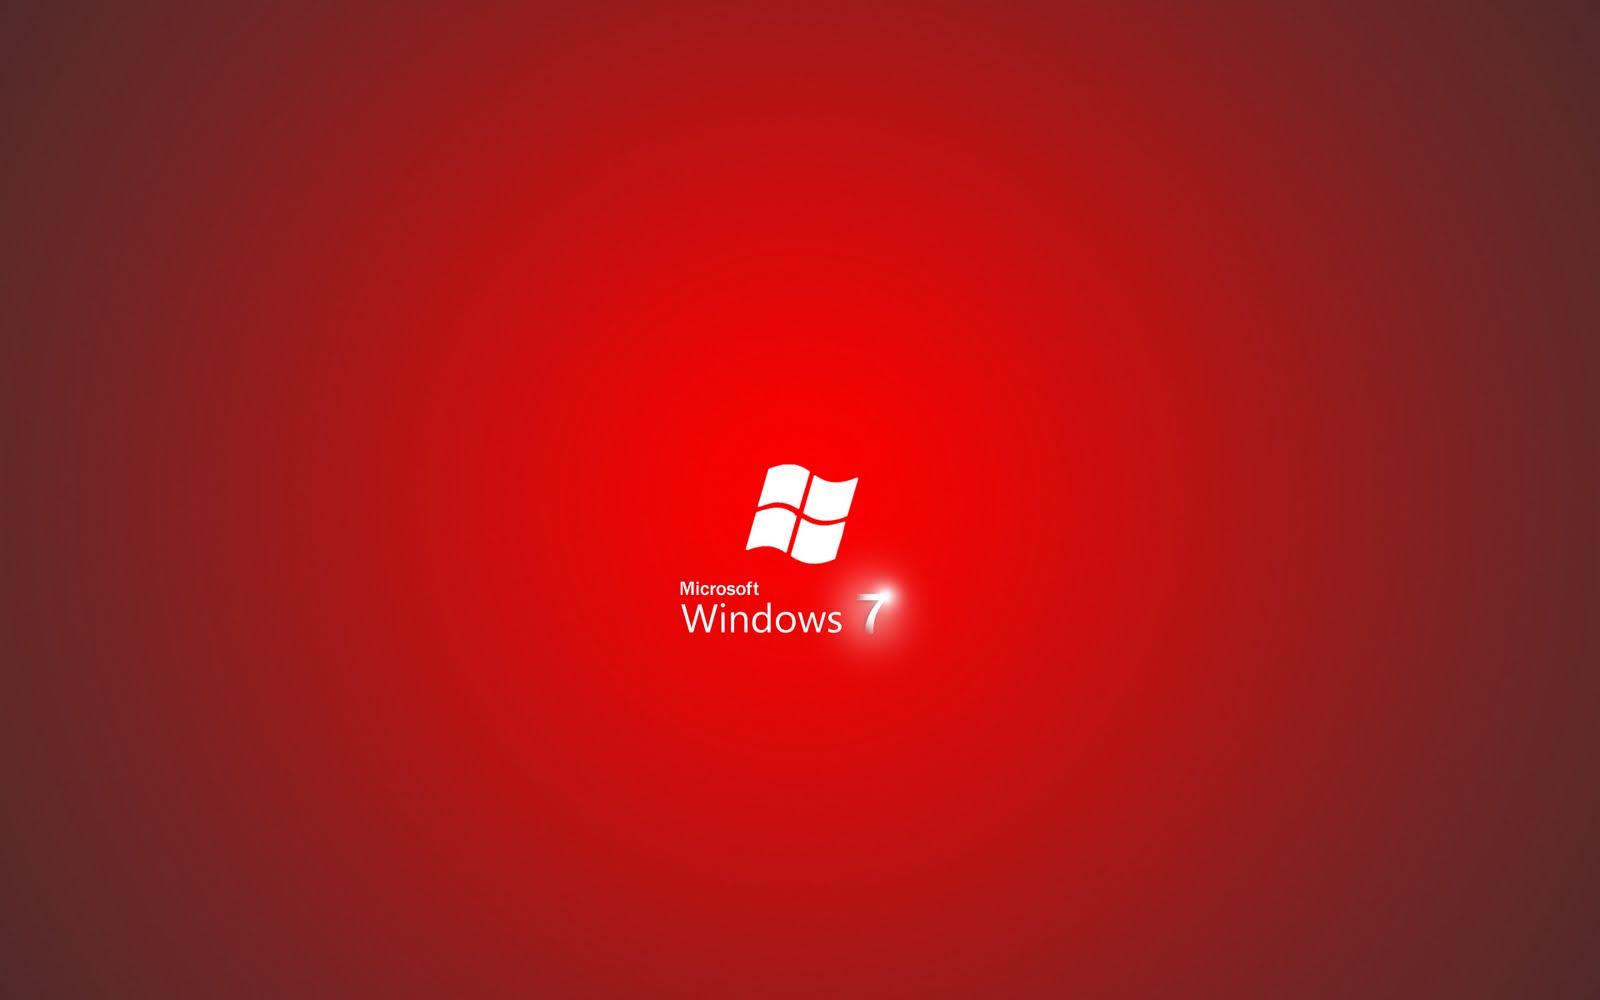 Hd wallpaper windows 7 - Hd Masa St Kar K Resimler Hd Mixed Desktop Red Wallpapers